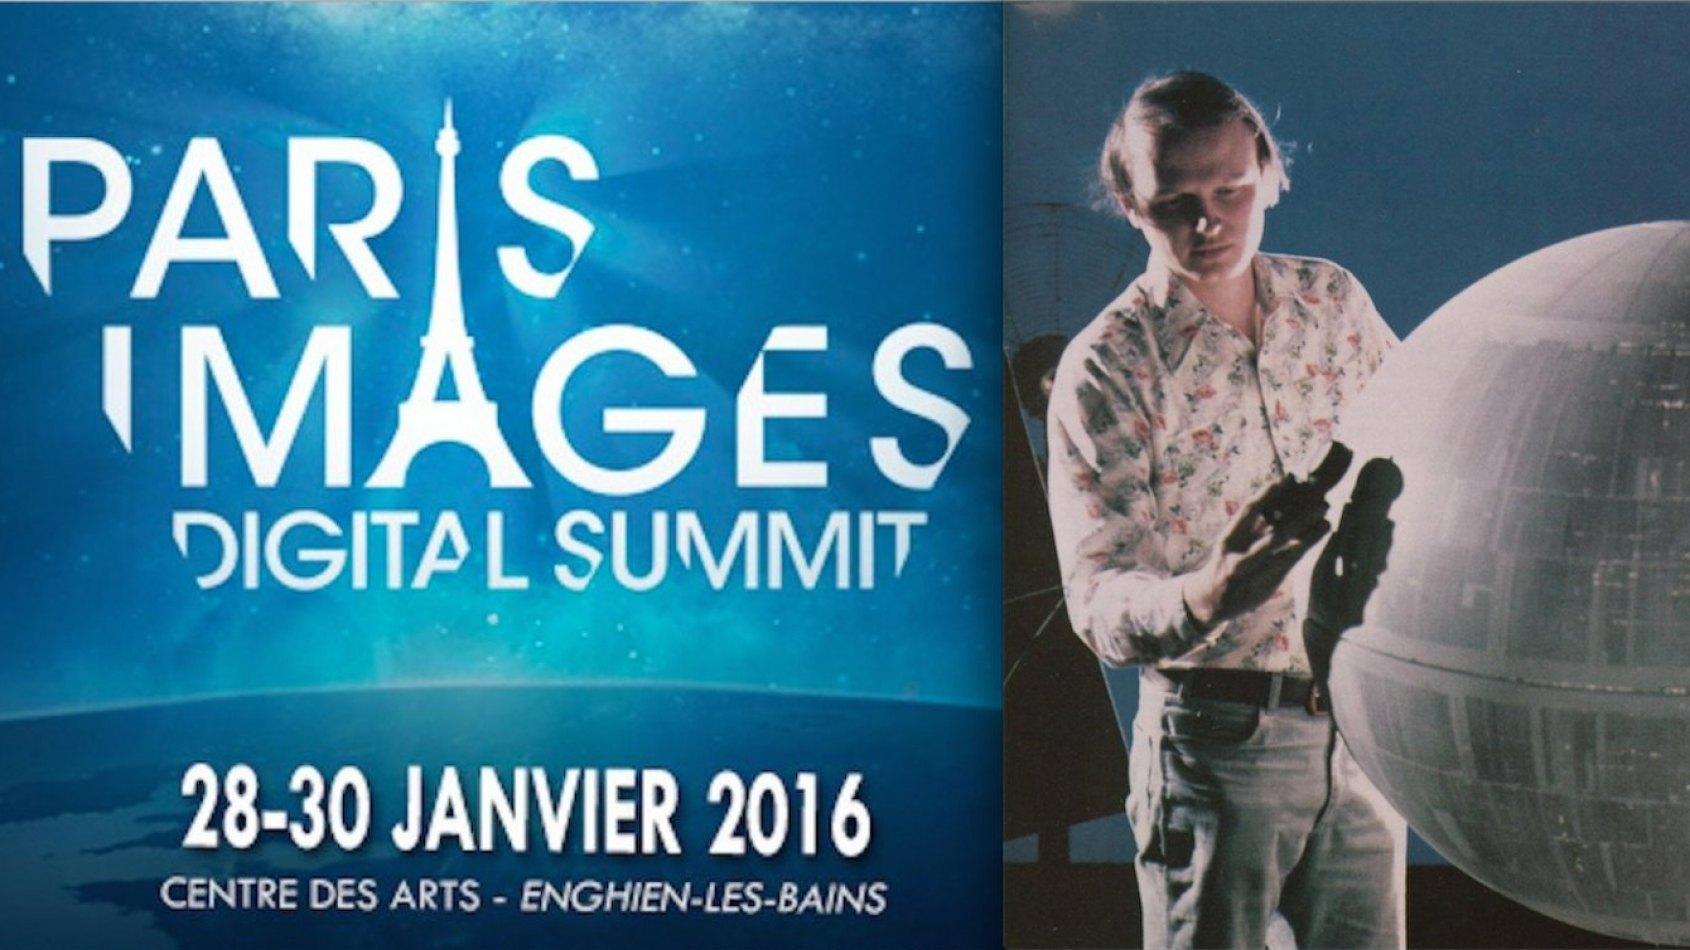 Dennis Muren en masterclass la semaine prochaine à Paris !